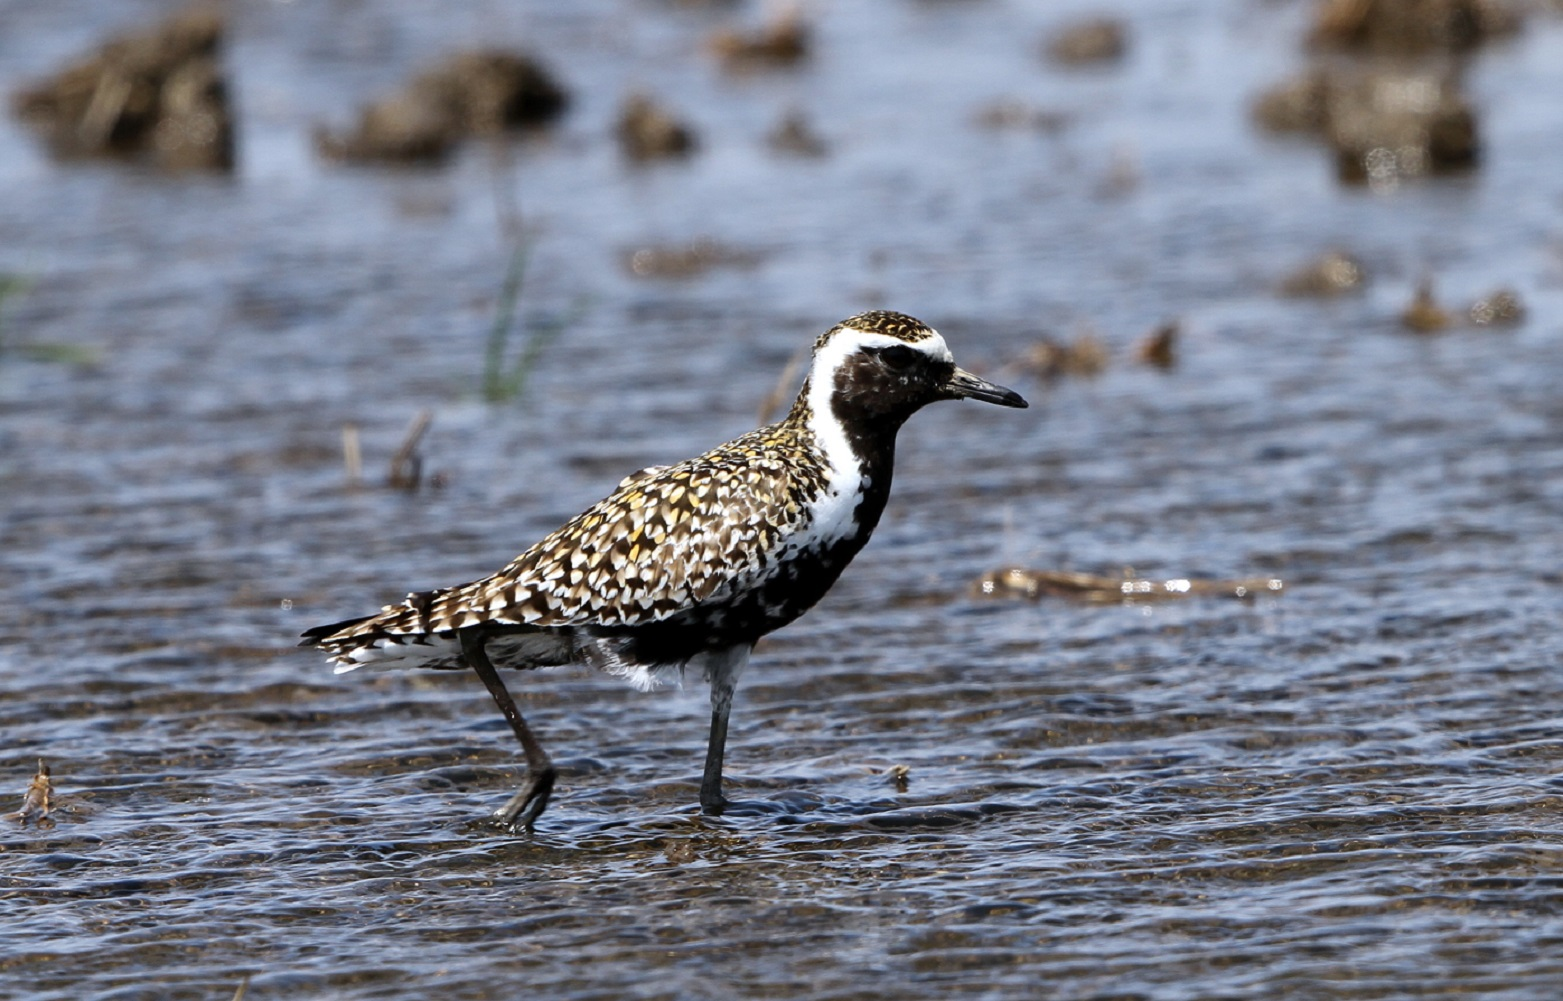 ムナグロ(冬羽・夏羽の混在した)10羽ほどの群れが水田に : 私の鳥 ...